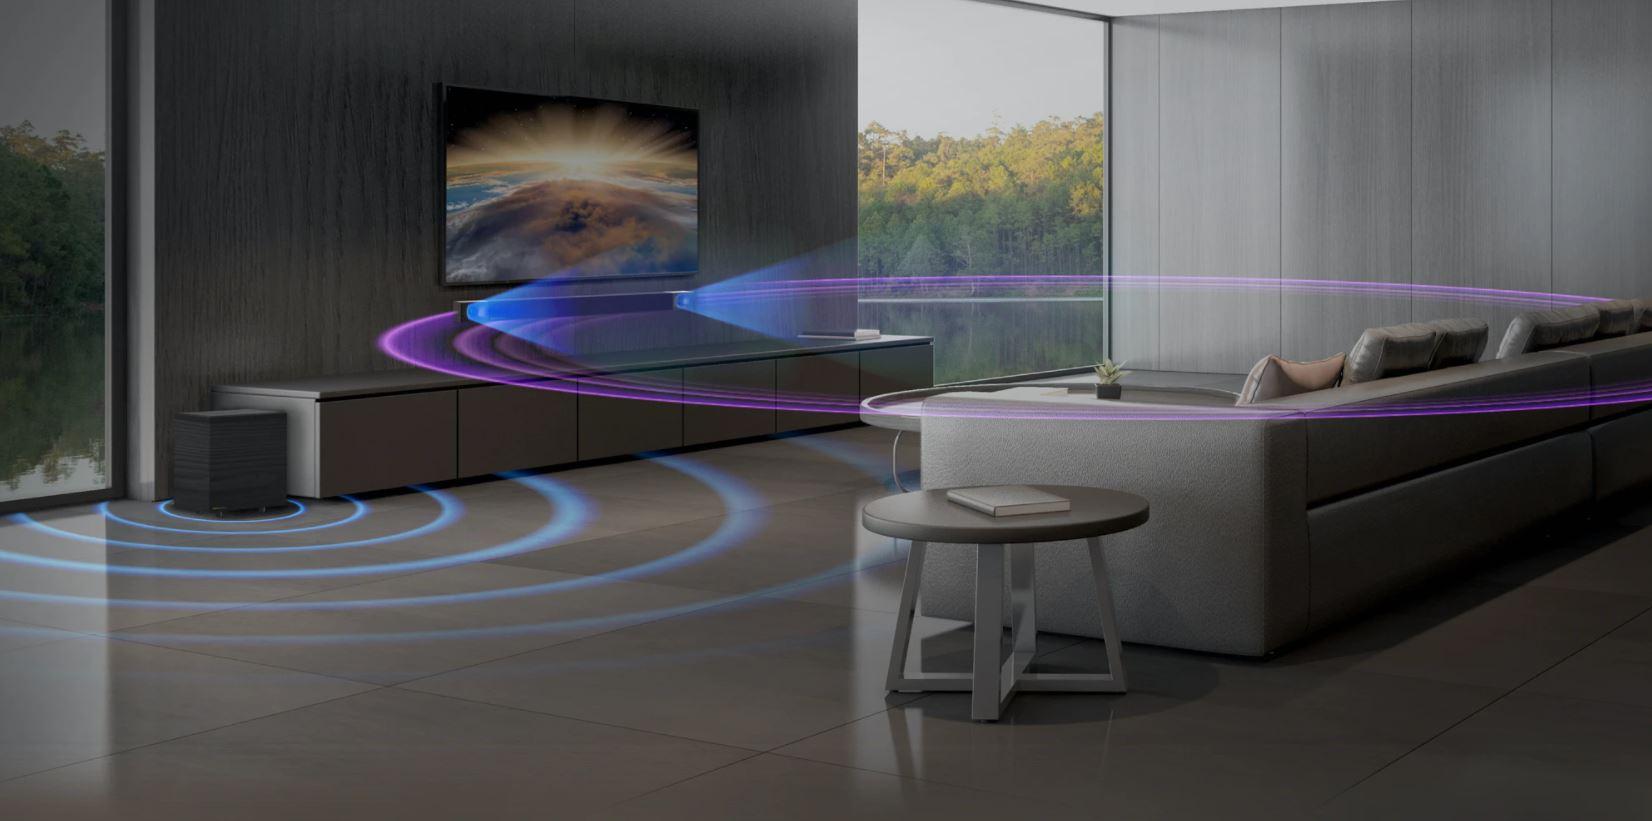 Barre de son KLIPSCH Cinema 400W SoundBar image 01